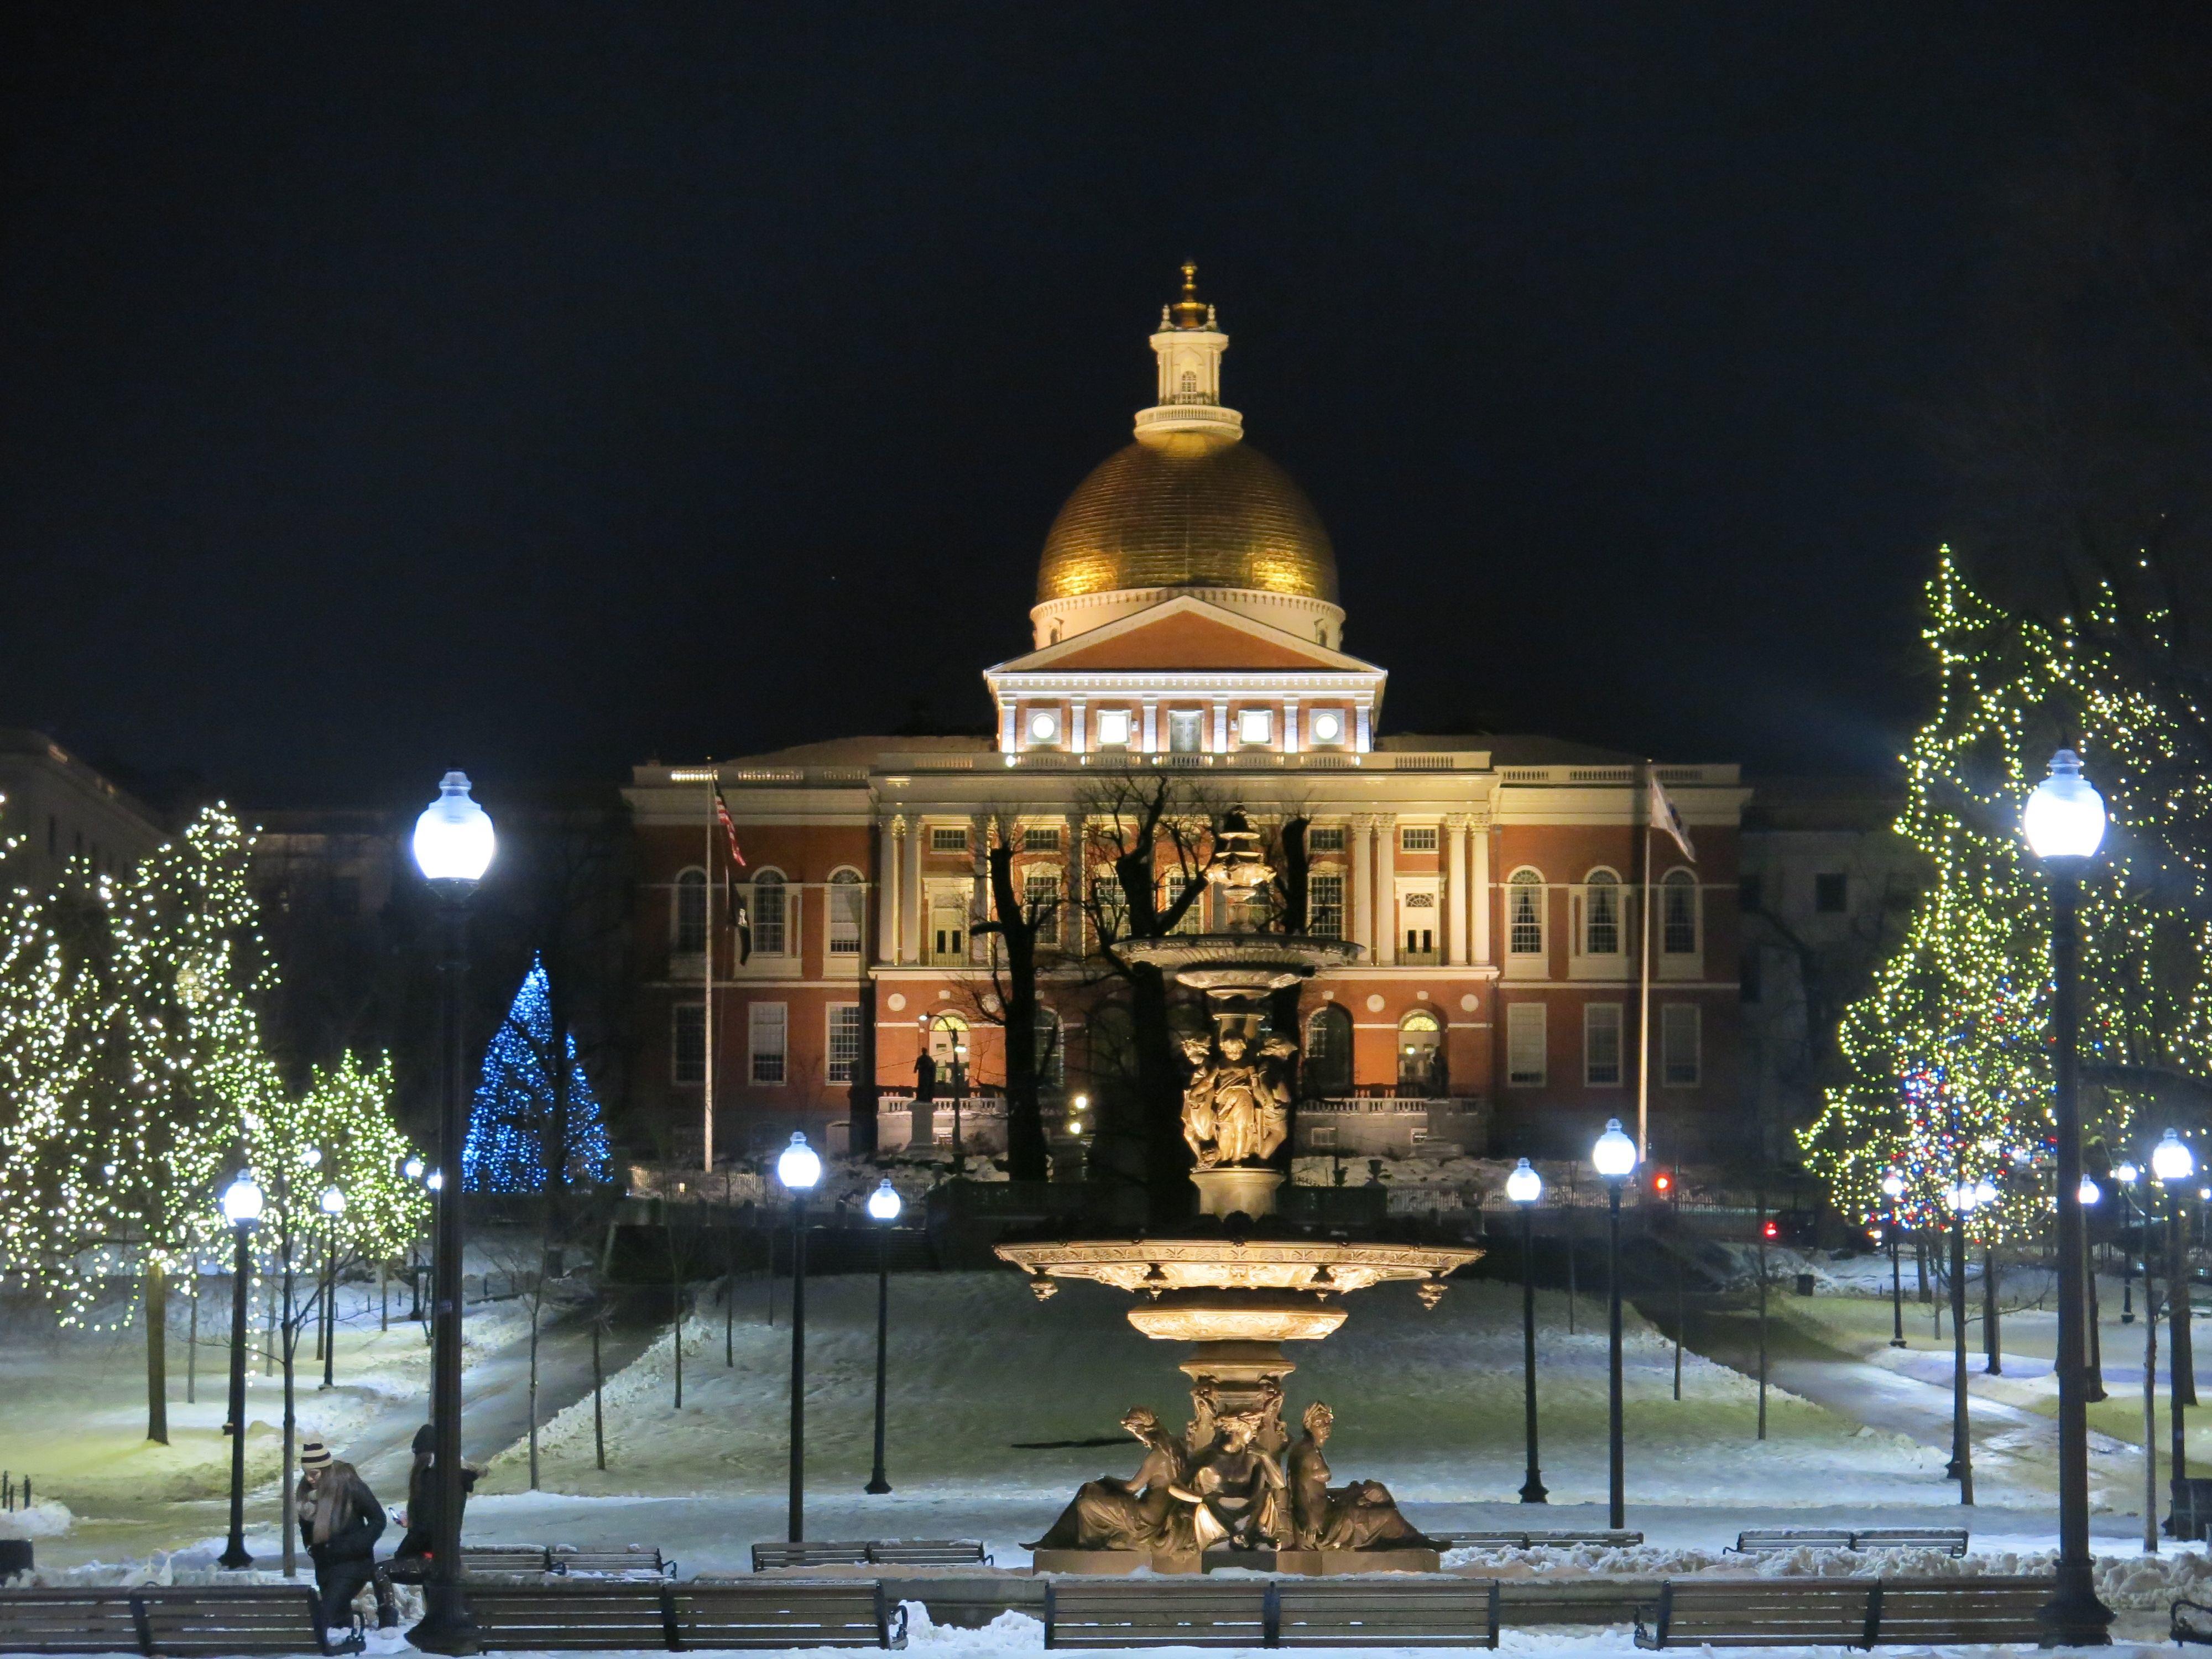 Immagini Natale Usa.Natale All Estero Dolci Negozi Regali E Curiosita From Boston